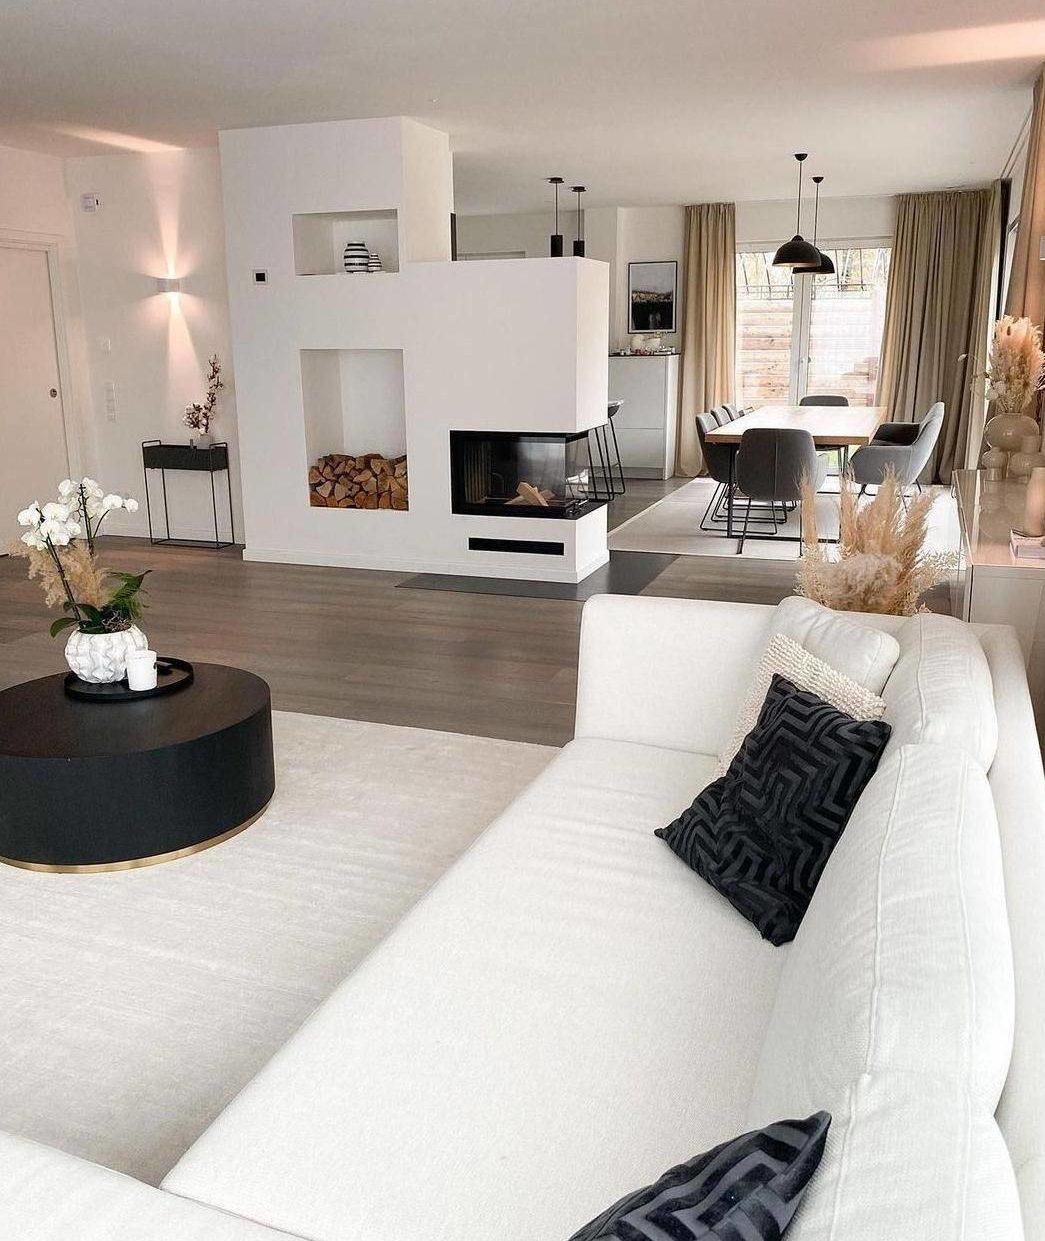 Sofa nhiều màu sắc tạo điểm nhấn nổi bật cho không gian sống hiện đại - Ảnh 4.